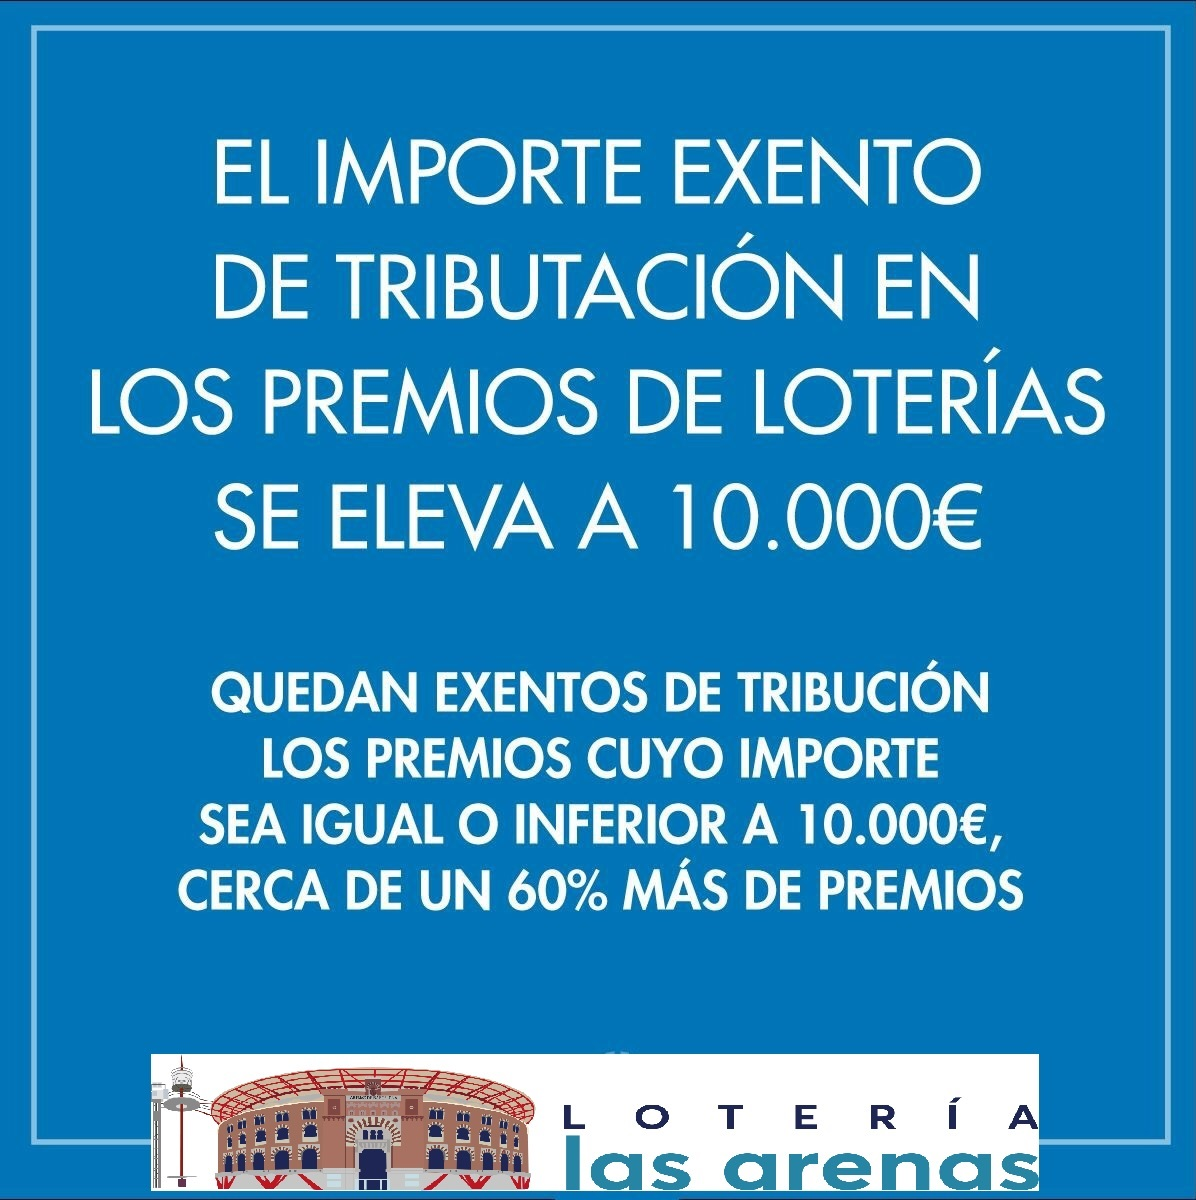 los premios de 10.000 euros no tiene retencion